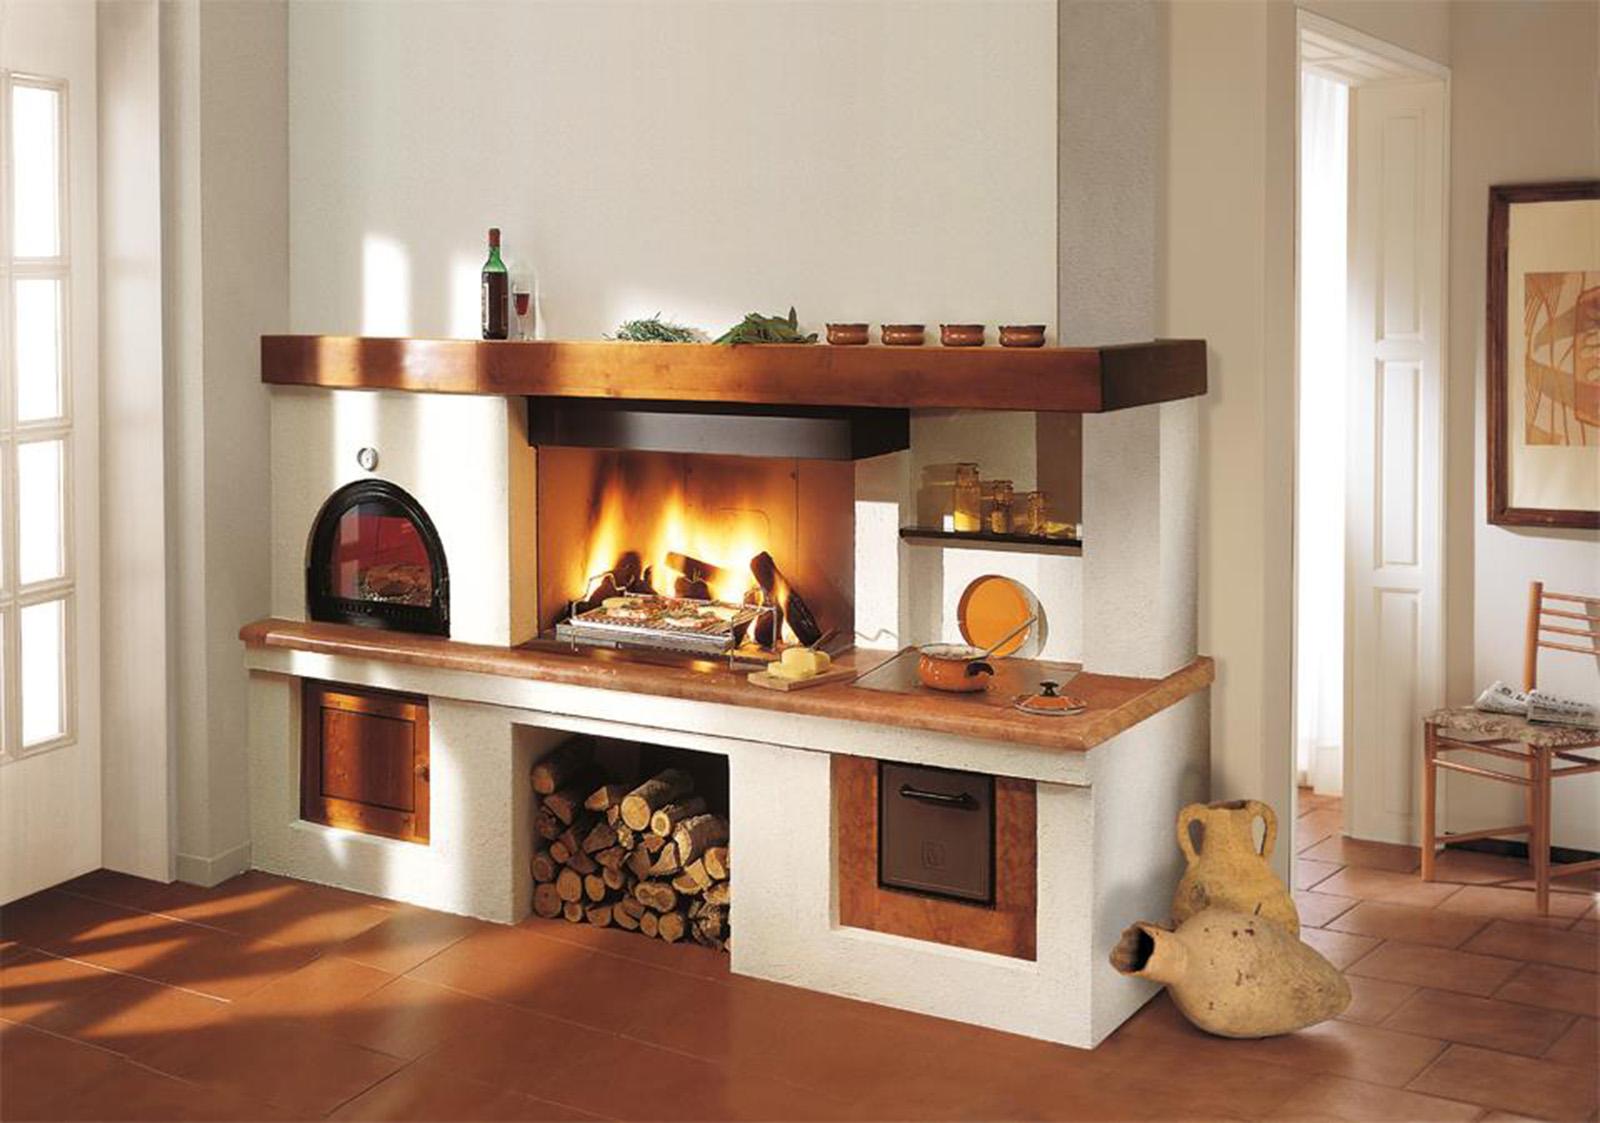 Forno A Legna Con Camino i 5 modelli più diffusi di stufe a legna